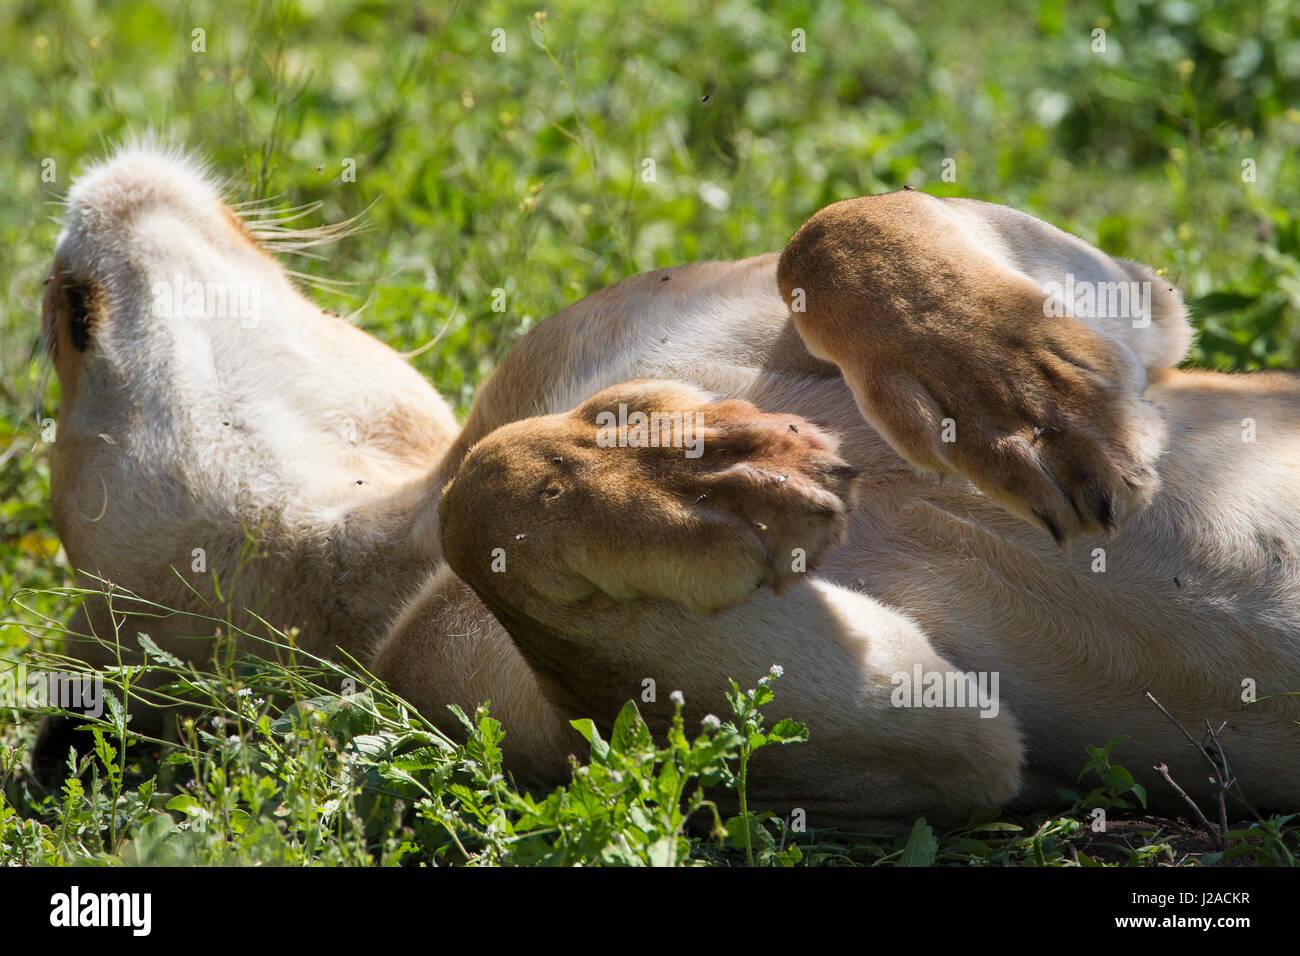 Löwin, liegend auf dem Rücken, Kopf zurückgelehnt, Oberkörper gezeigt, Pfoten Krause in Luft Stockbild